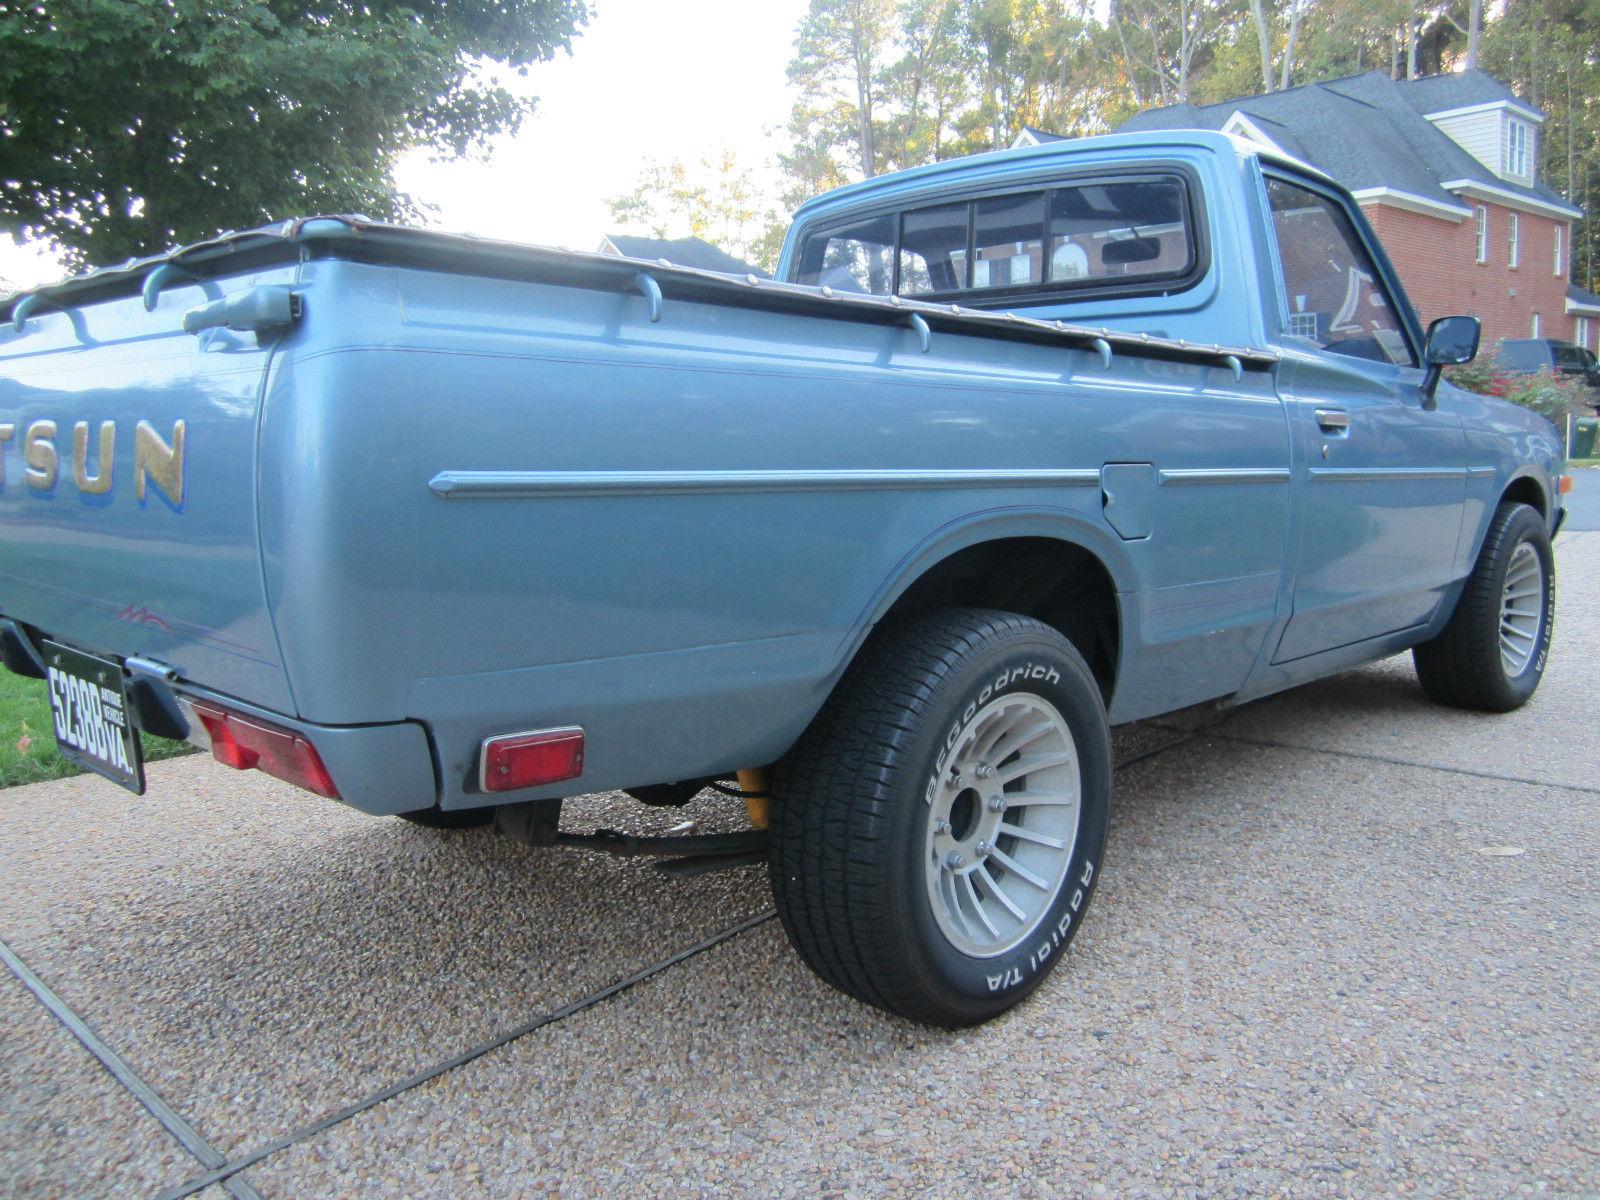 1979 Datsun 620 Pickup Rare Color Rare Options - Classic ...